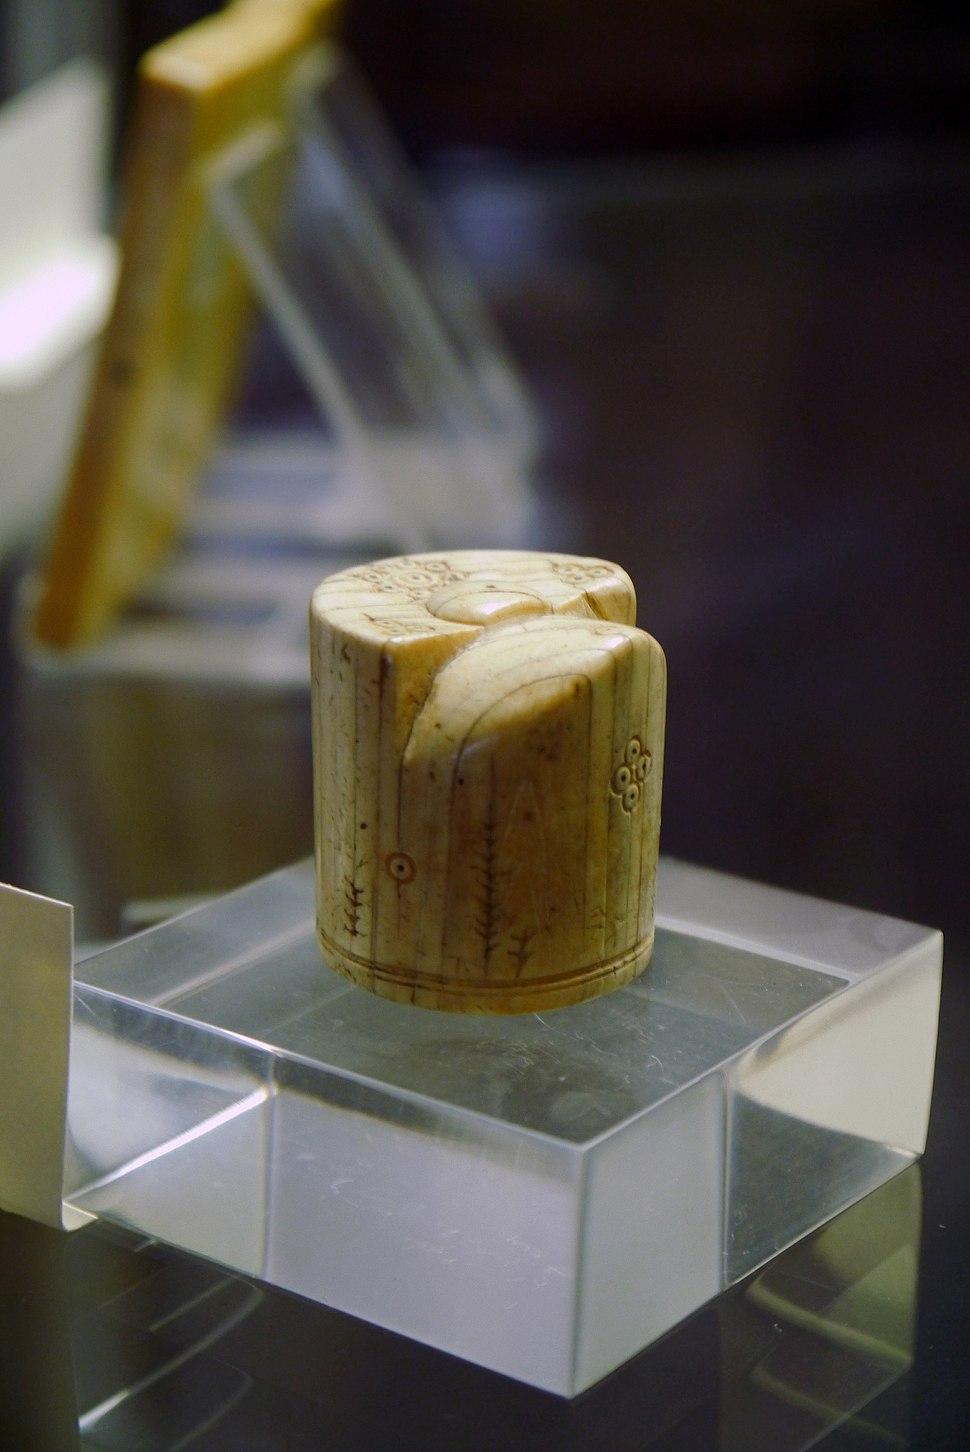 Cabinet des médailles, Paris - Ivory Chess King or Vizier, 9th Century